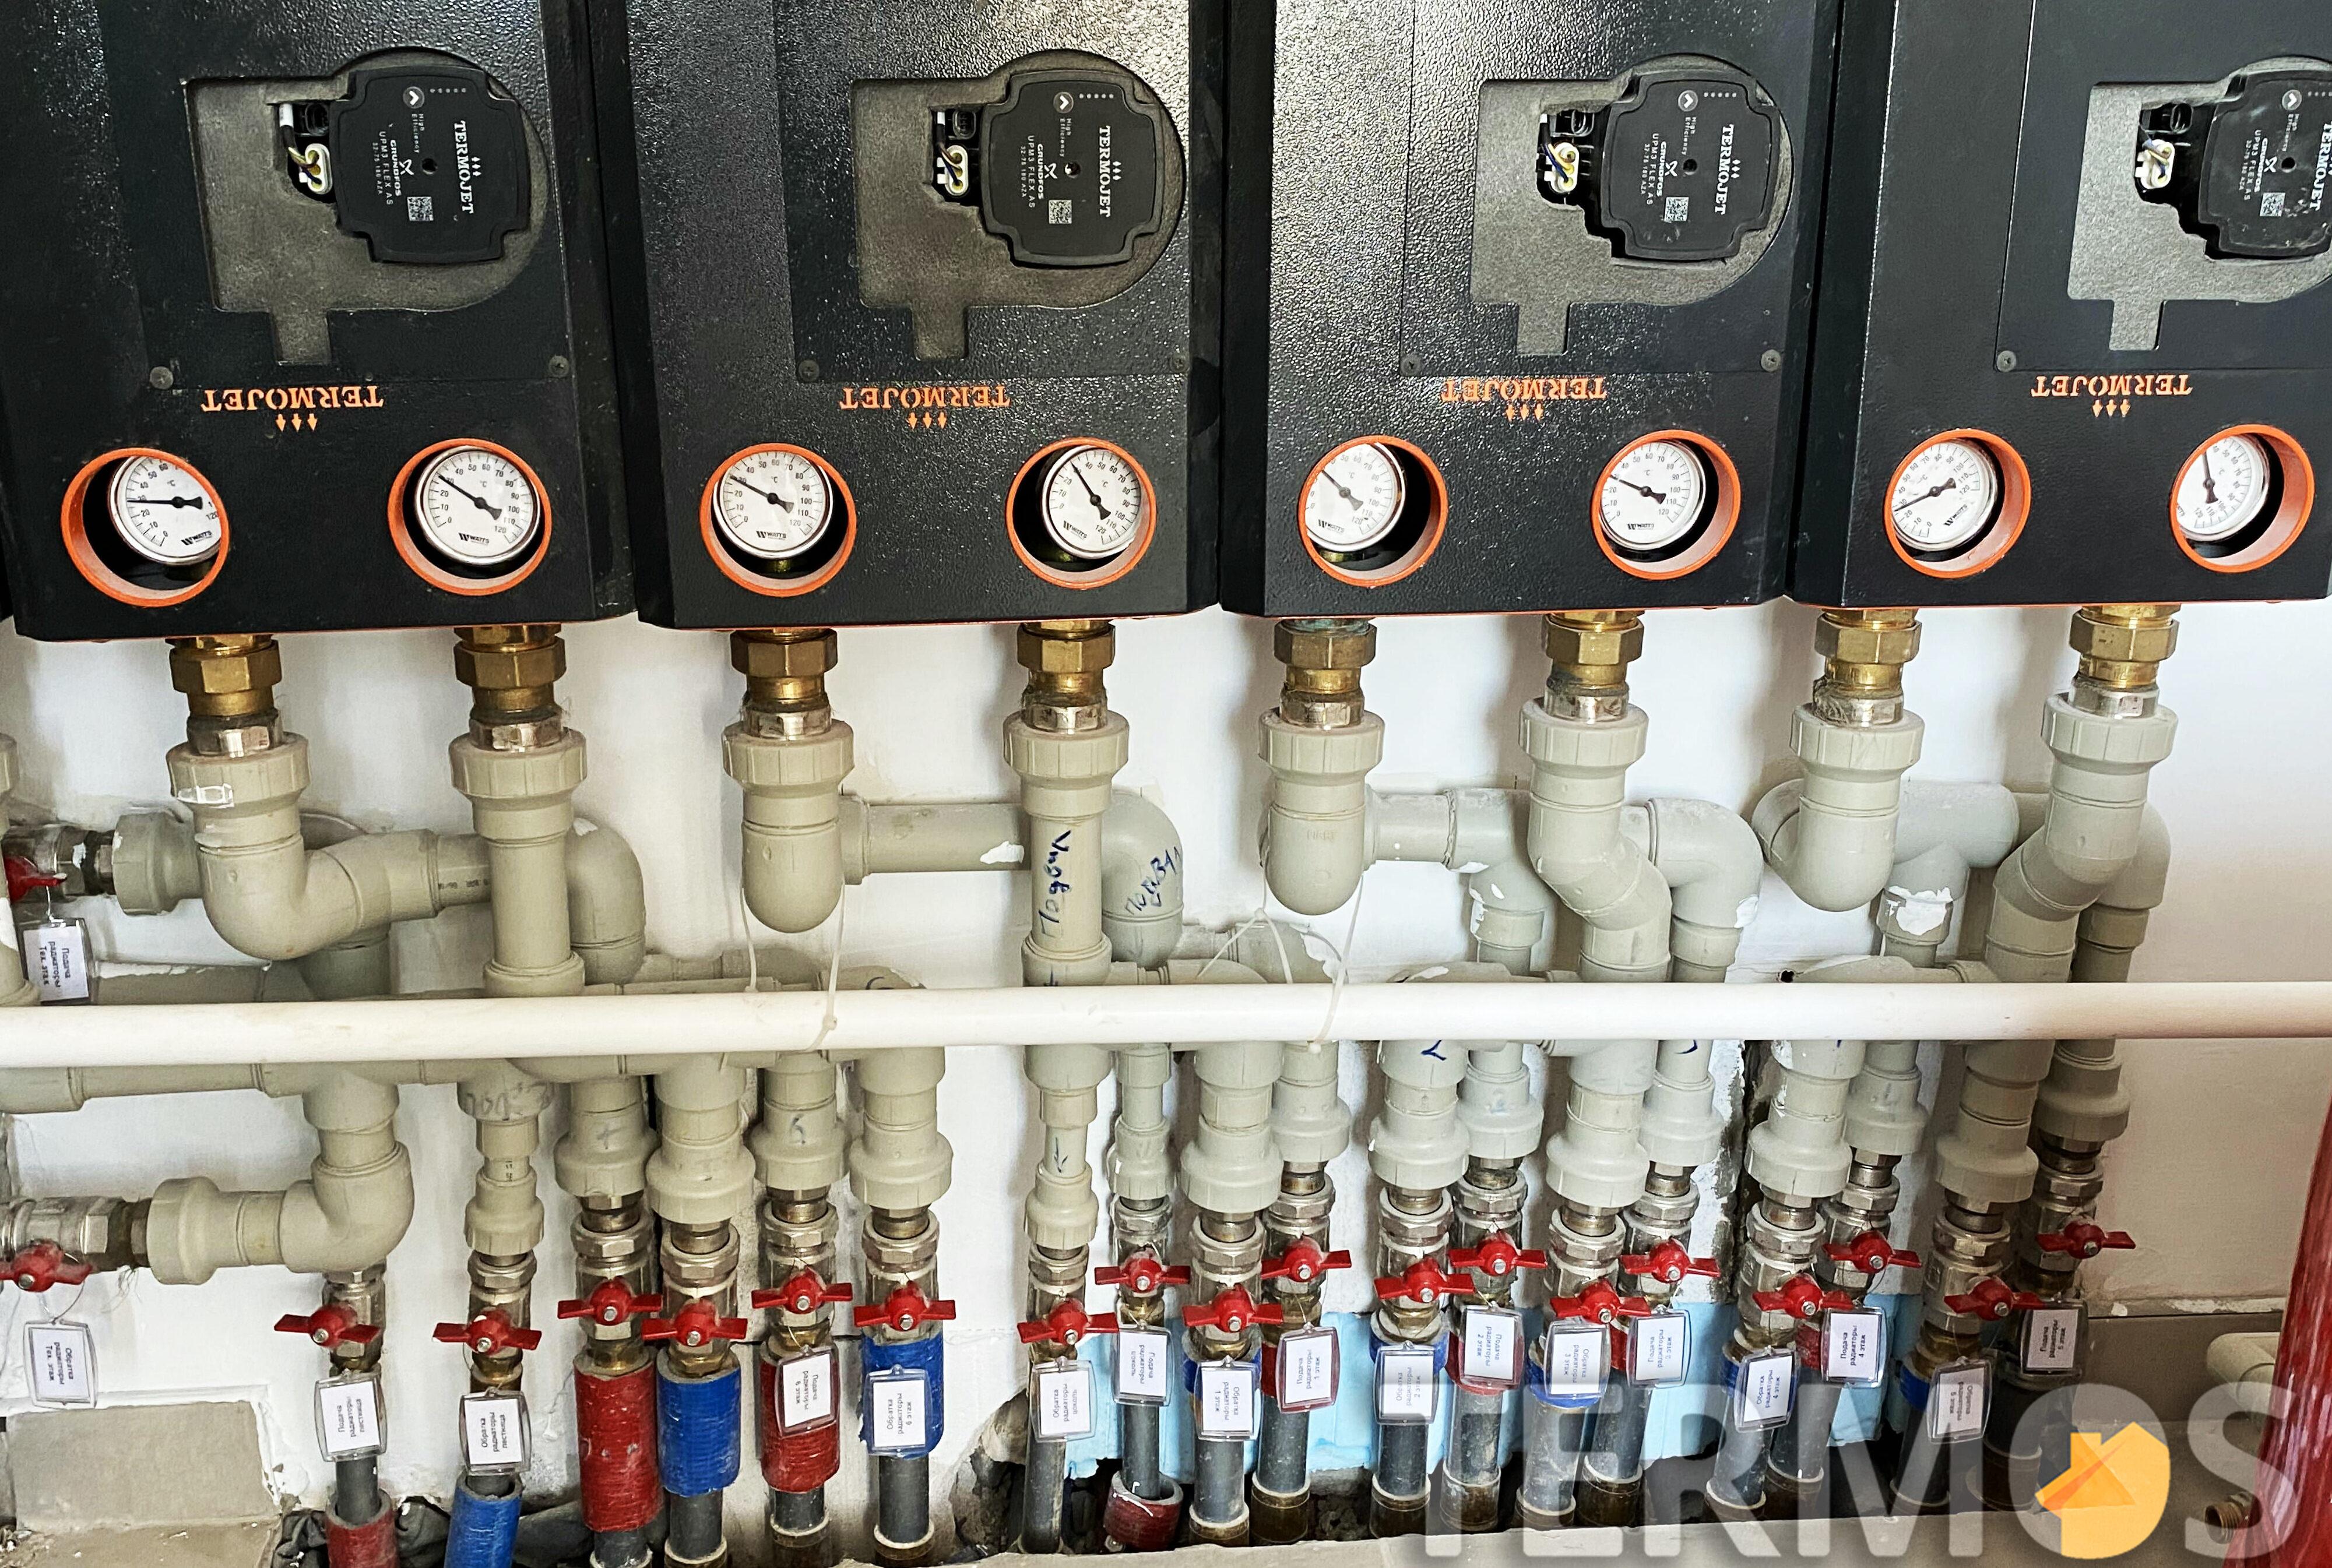 Насосные группы подачи тепла на каждый этаж оснащены циркуляционными насосами с частотным управлением